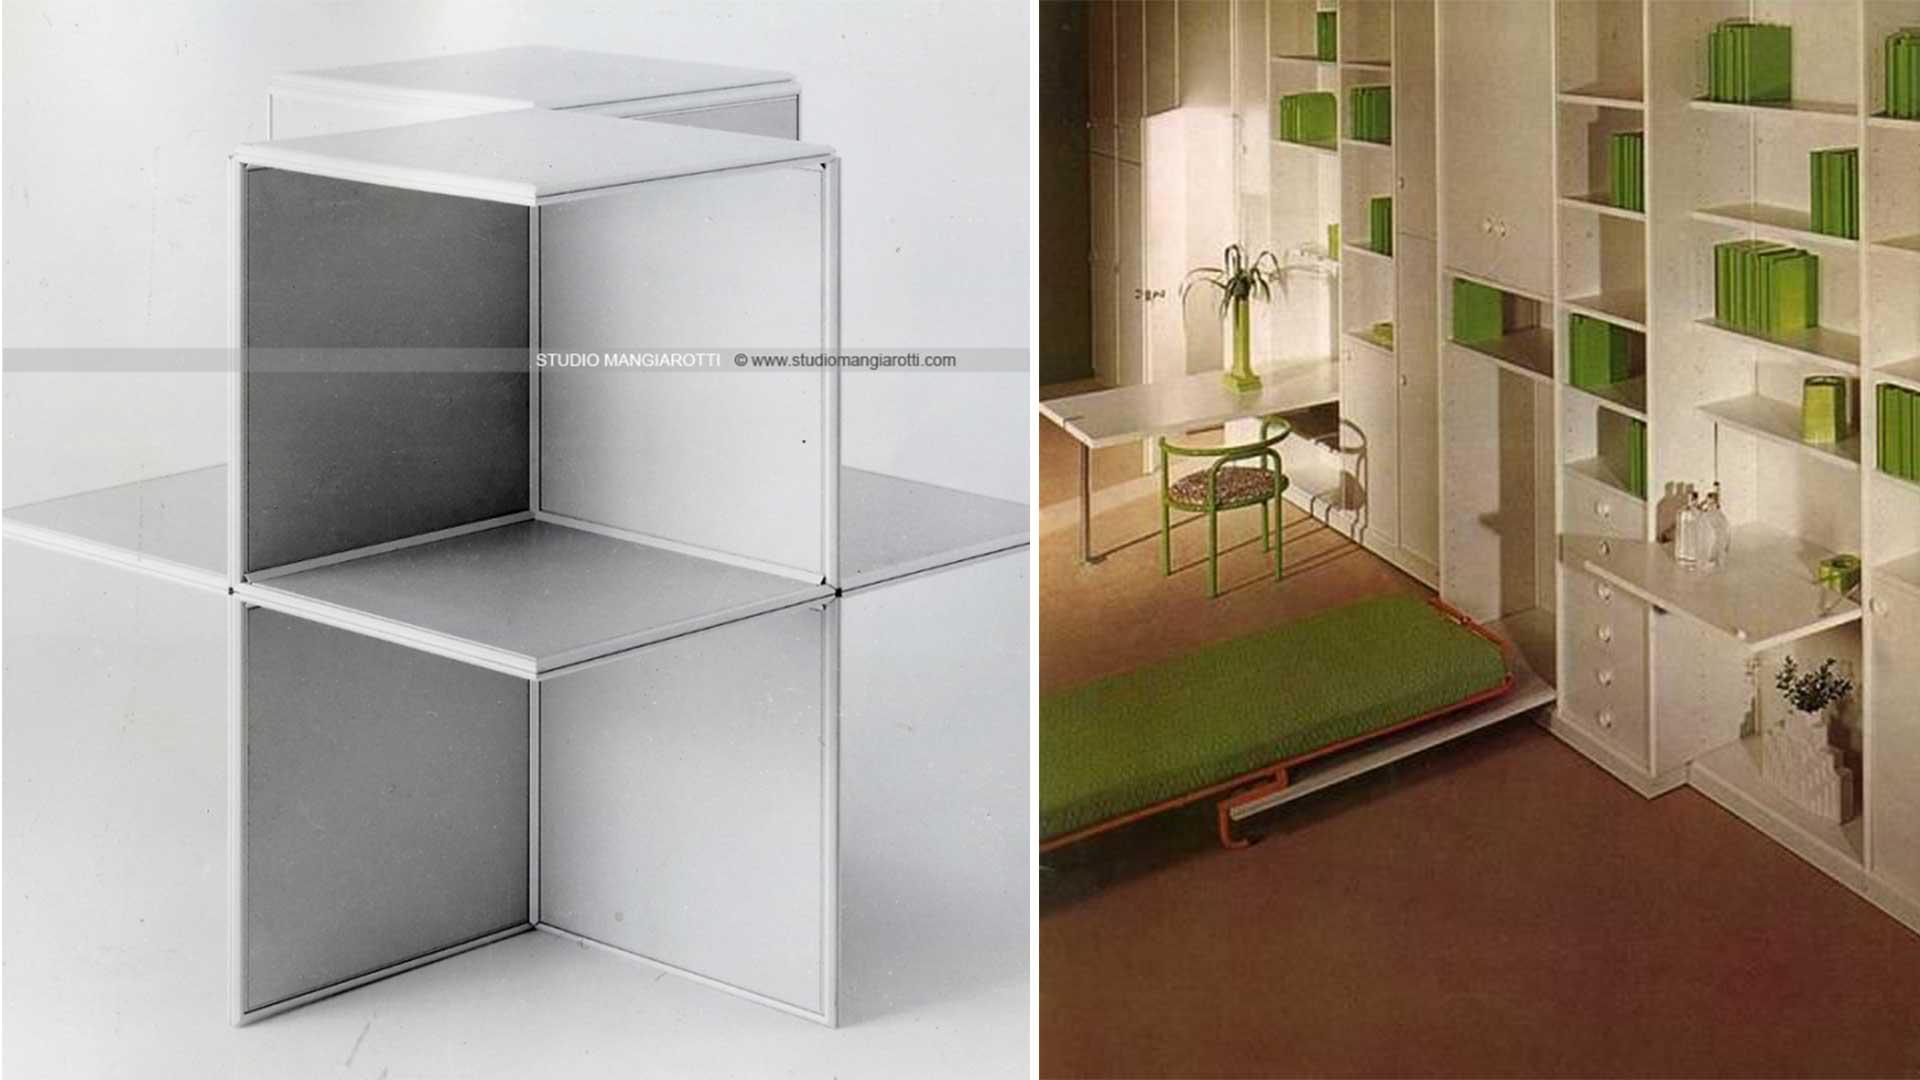 Cub8-Mangiarotti-Evoluzione-Pareti-attrezzate-Level-Office-Landscape